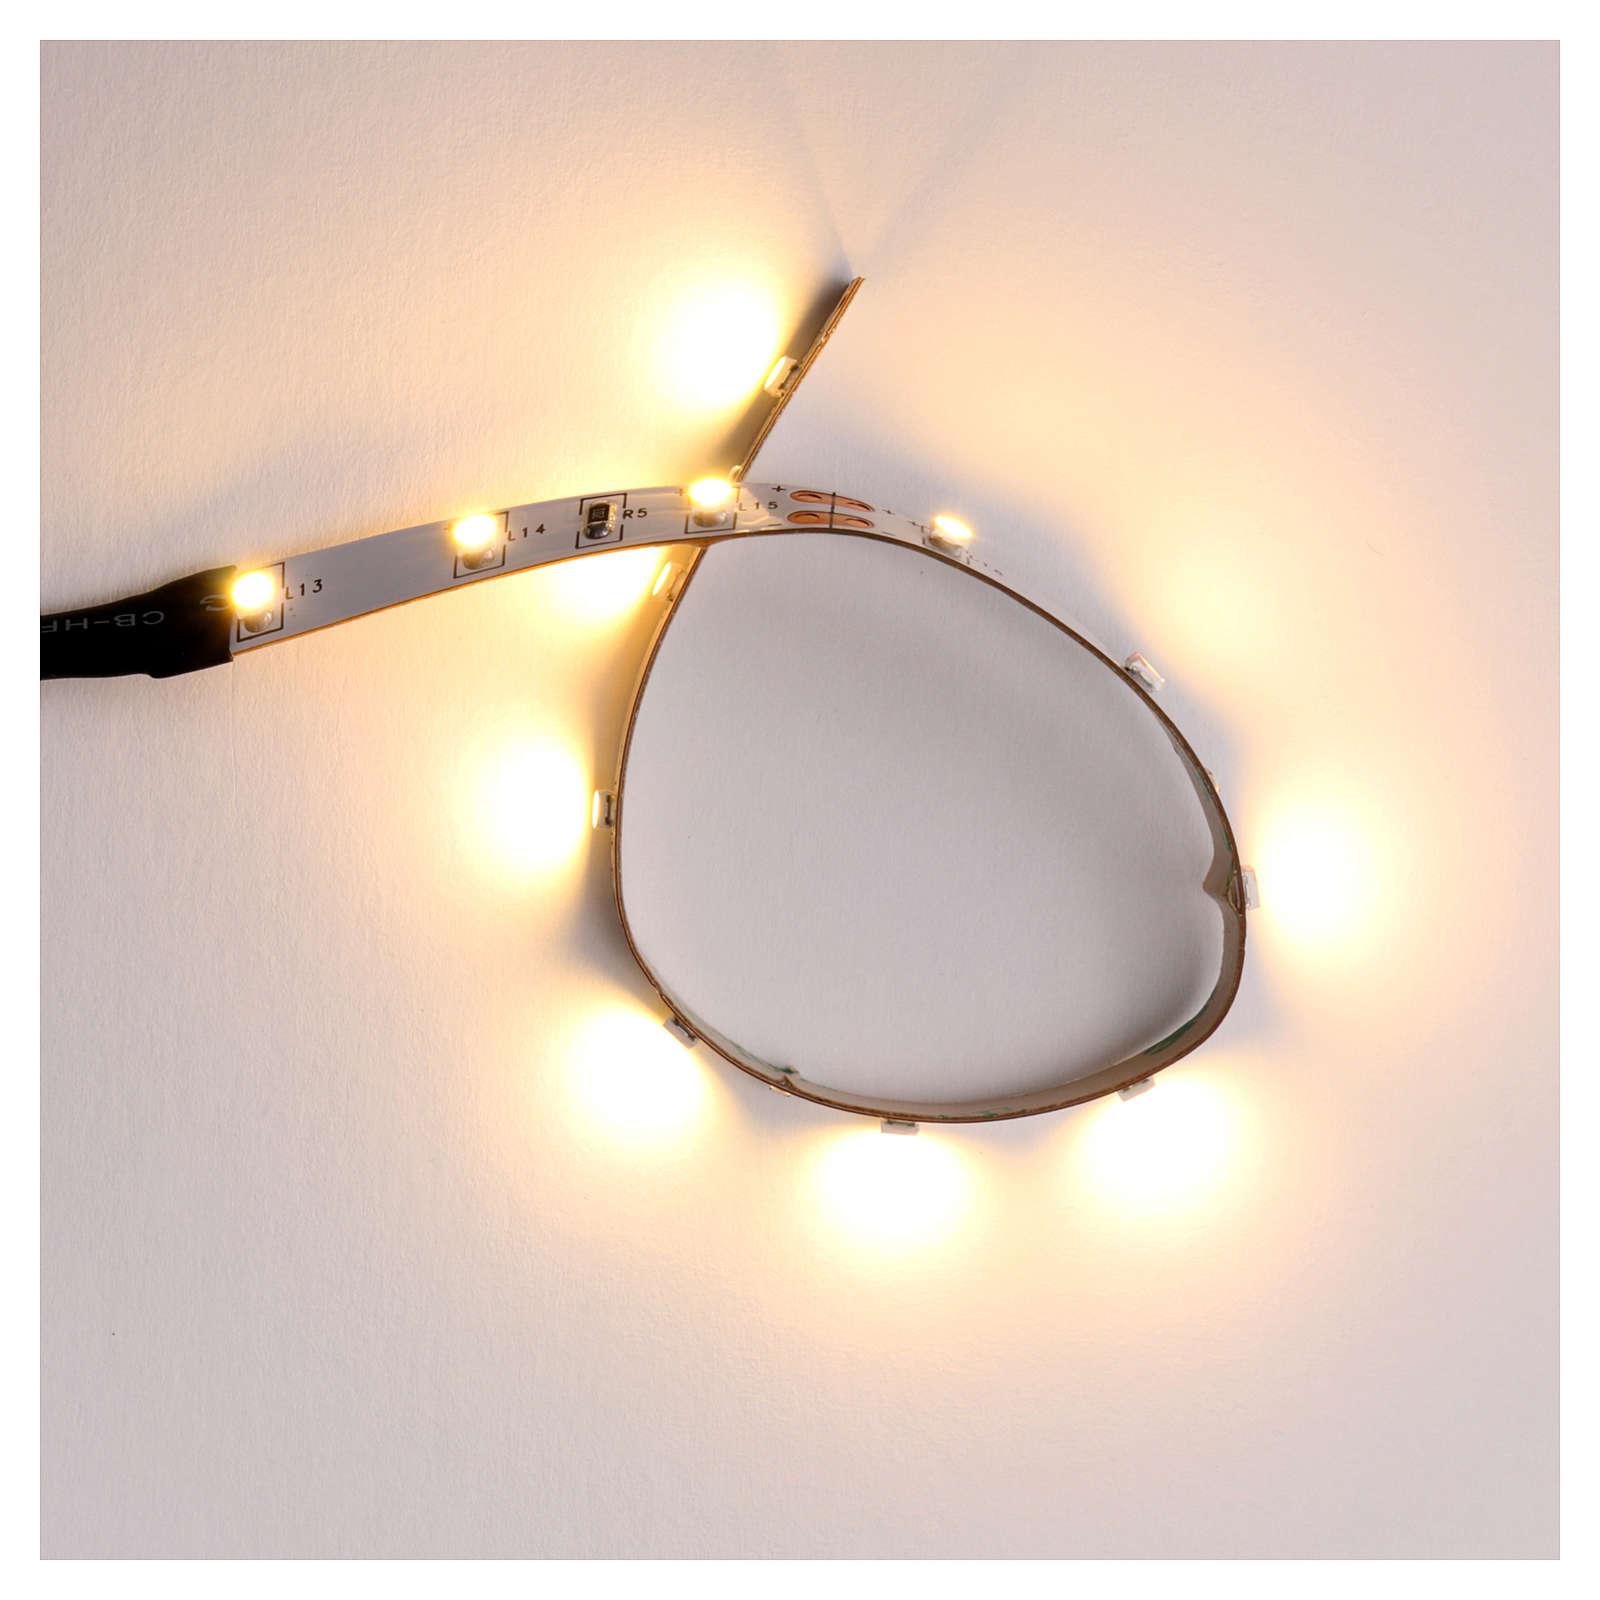 Tira de 12 LED cm. 0.8x16 cm. blanca caliente Frisalight 4